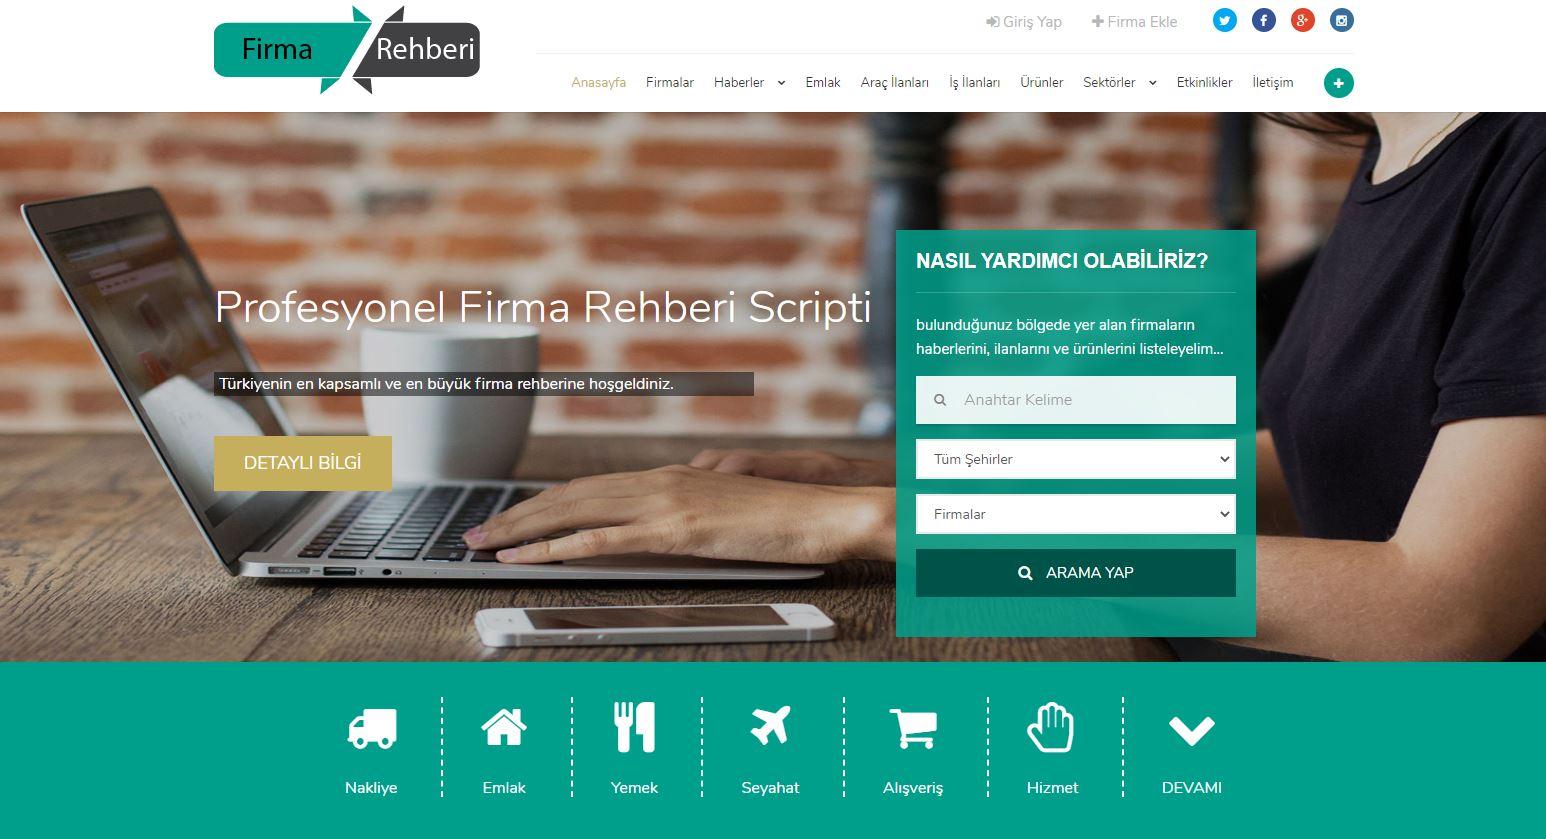 Ücretsiz Firma Rehberi Scripti 2020 2